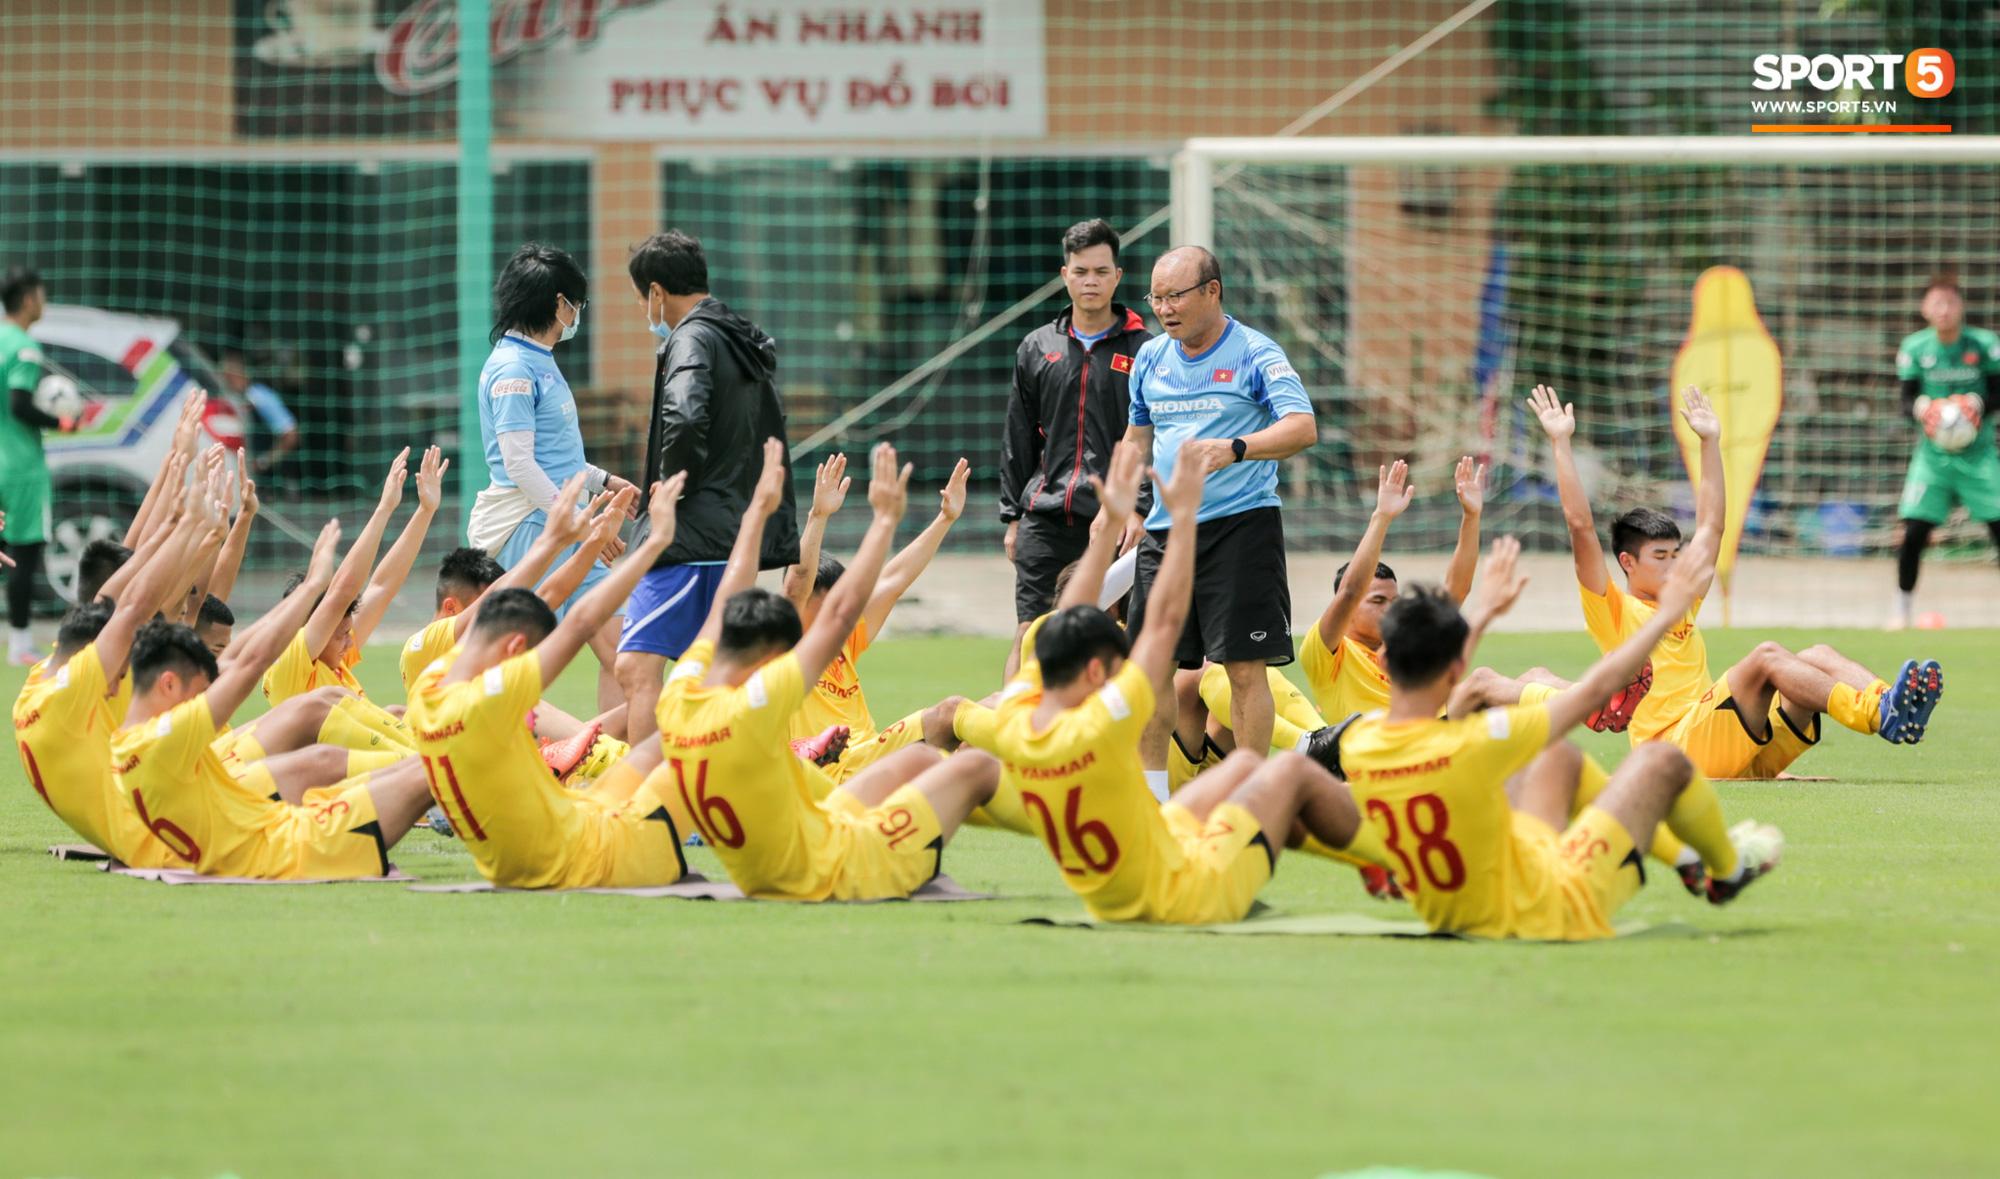 Tại sao HLV Park Hang-seo từ chối lời mời U22 Việt Nam thi đấu của phù thuỷ trắng? - Ảnh 2.